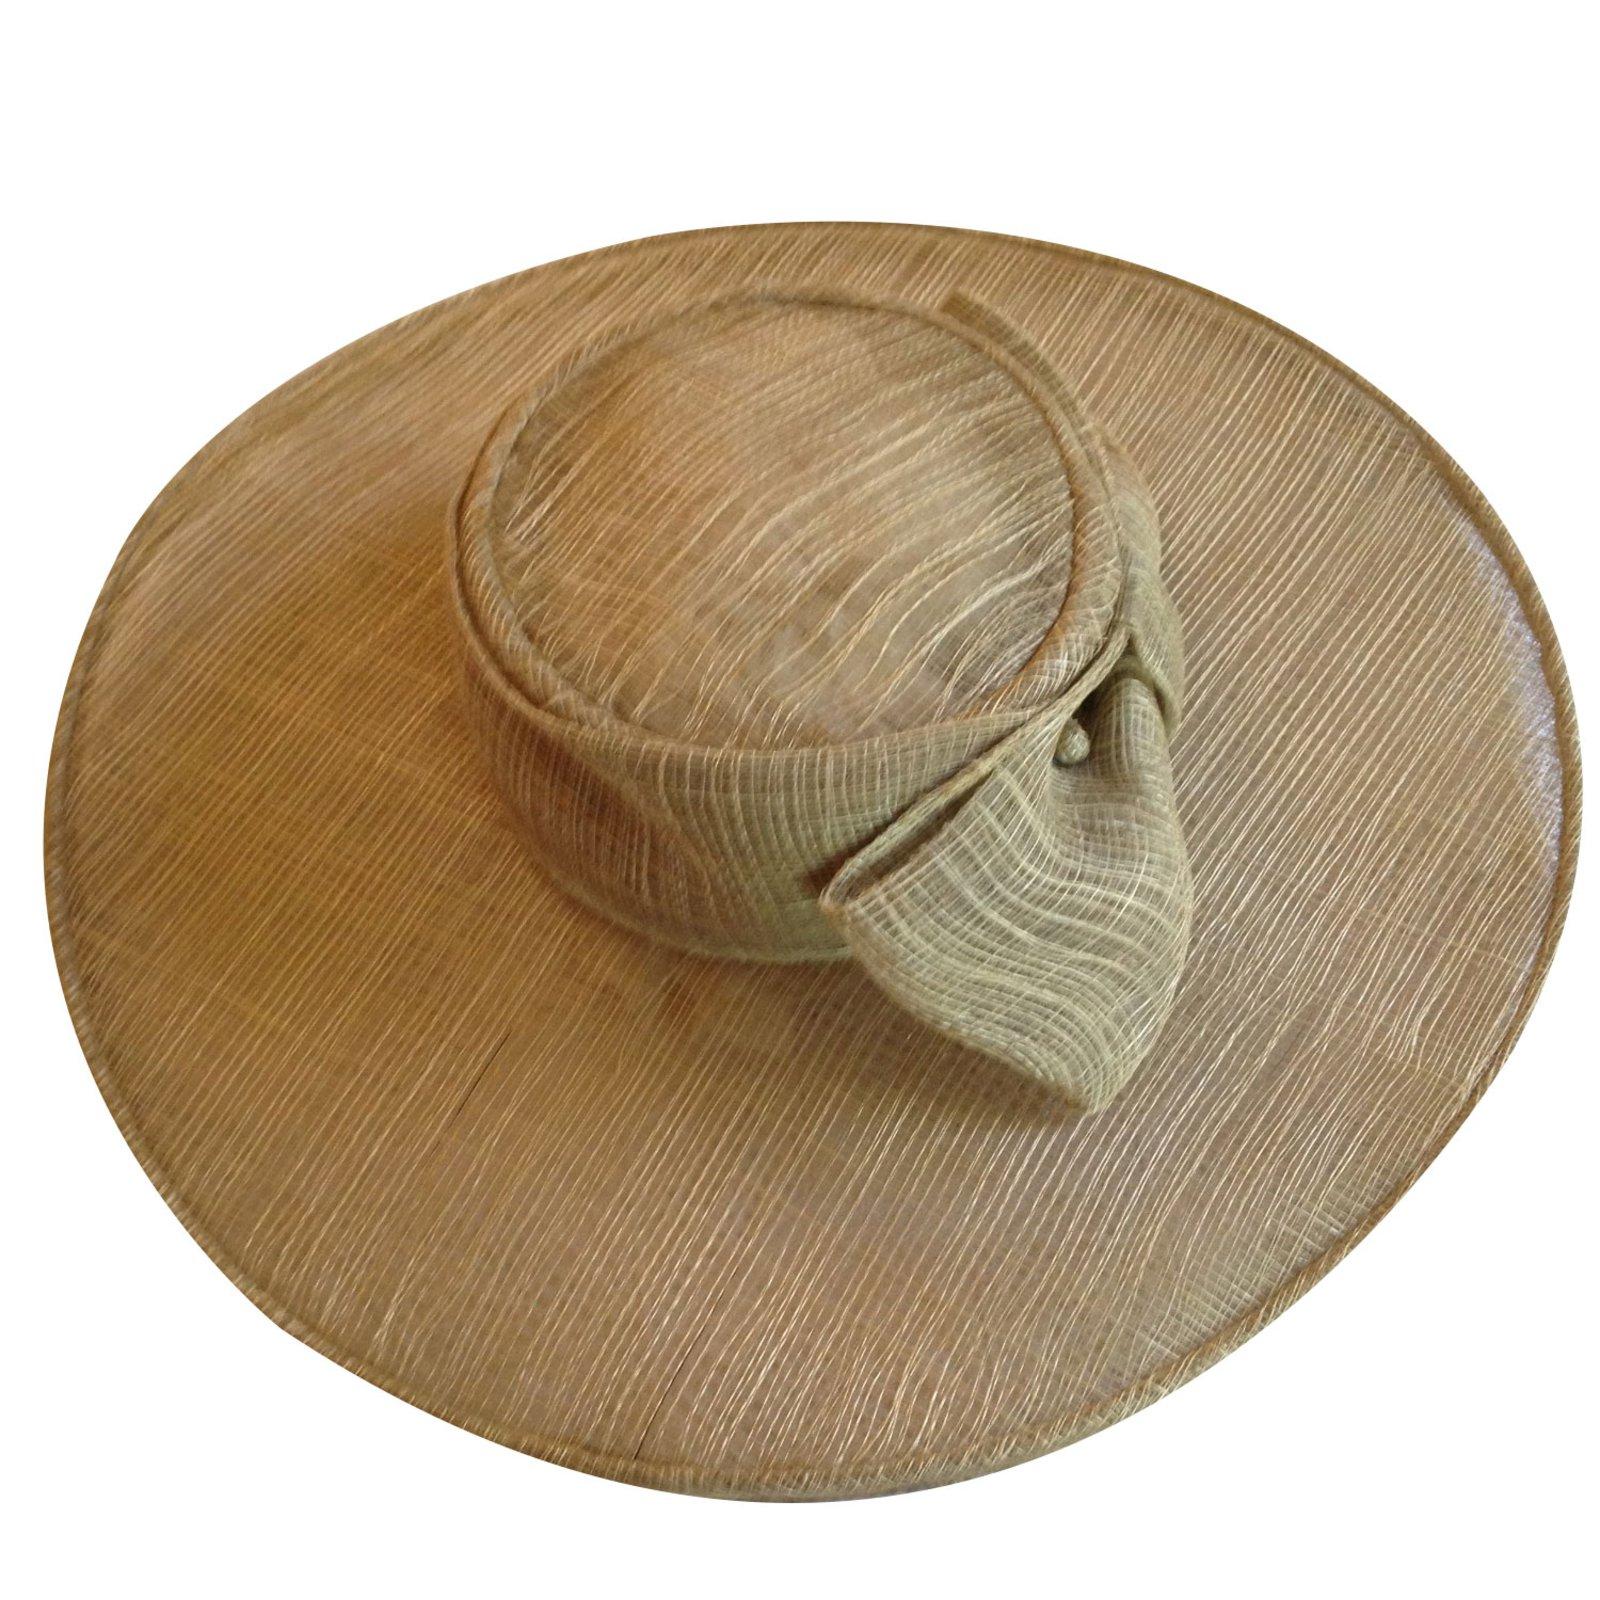 Christian Dior Hat Hats Straw Beige ref.41845 - Joli Closet 5981c829b6f